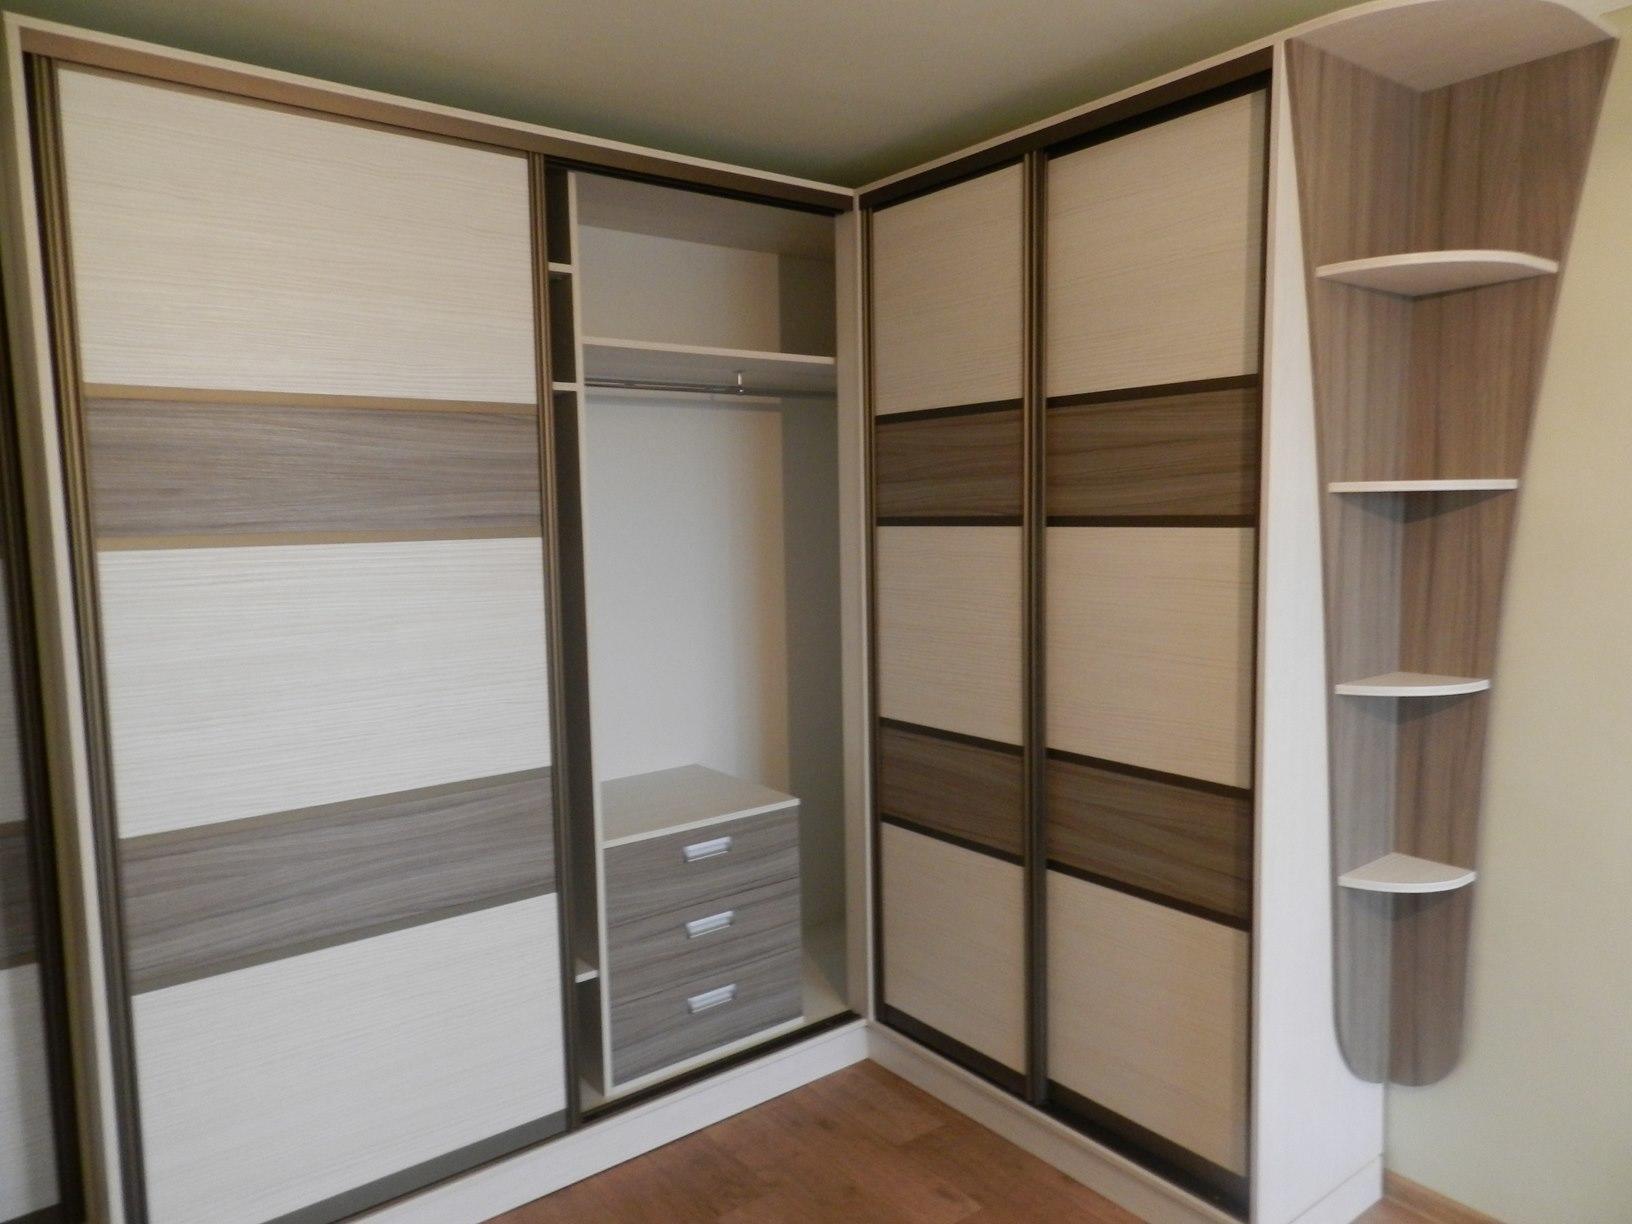 Шкафы купе в томске: на заказ! мебель жми! угловой, встроенн.